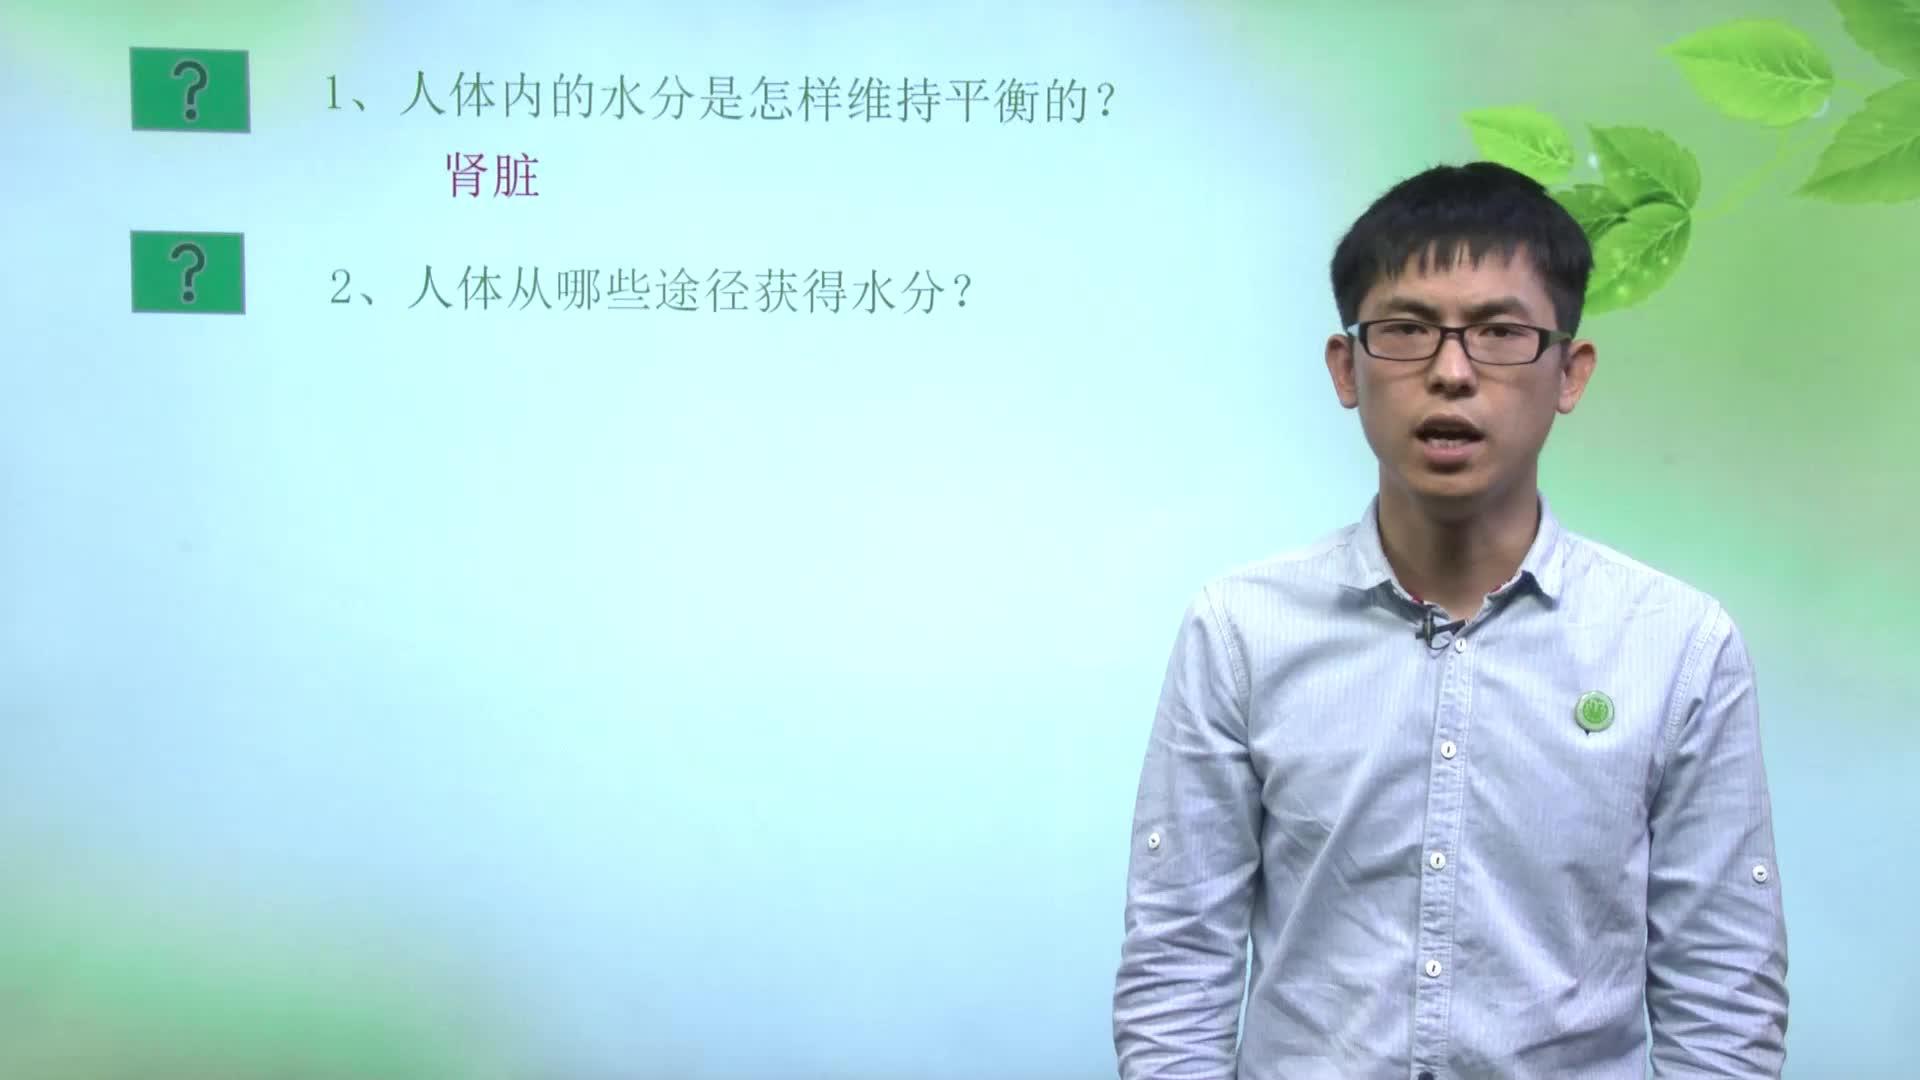 视频4.5.3水盐平衡-【慕联】初中完全同步系列浙教版科学九年级上册